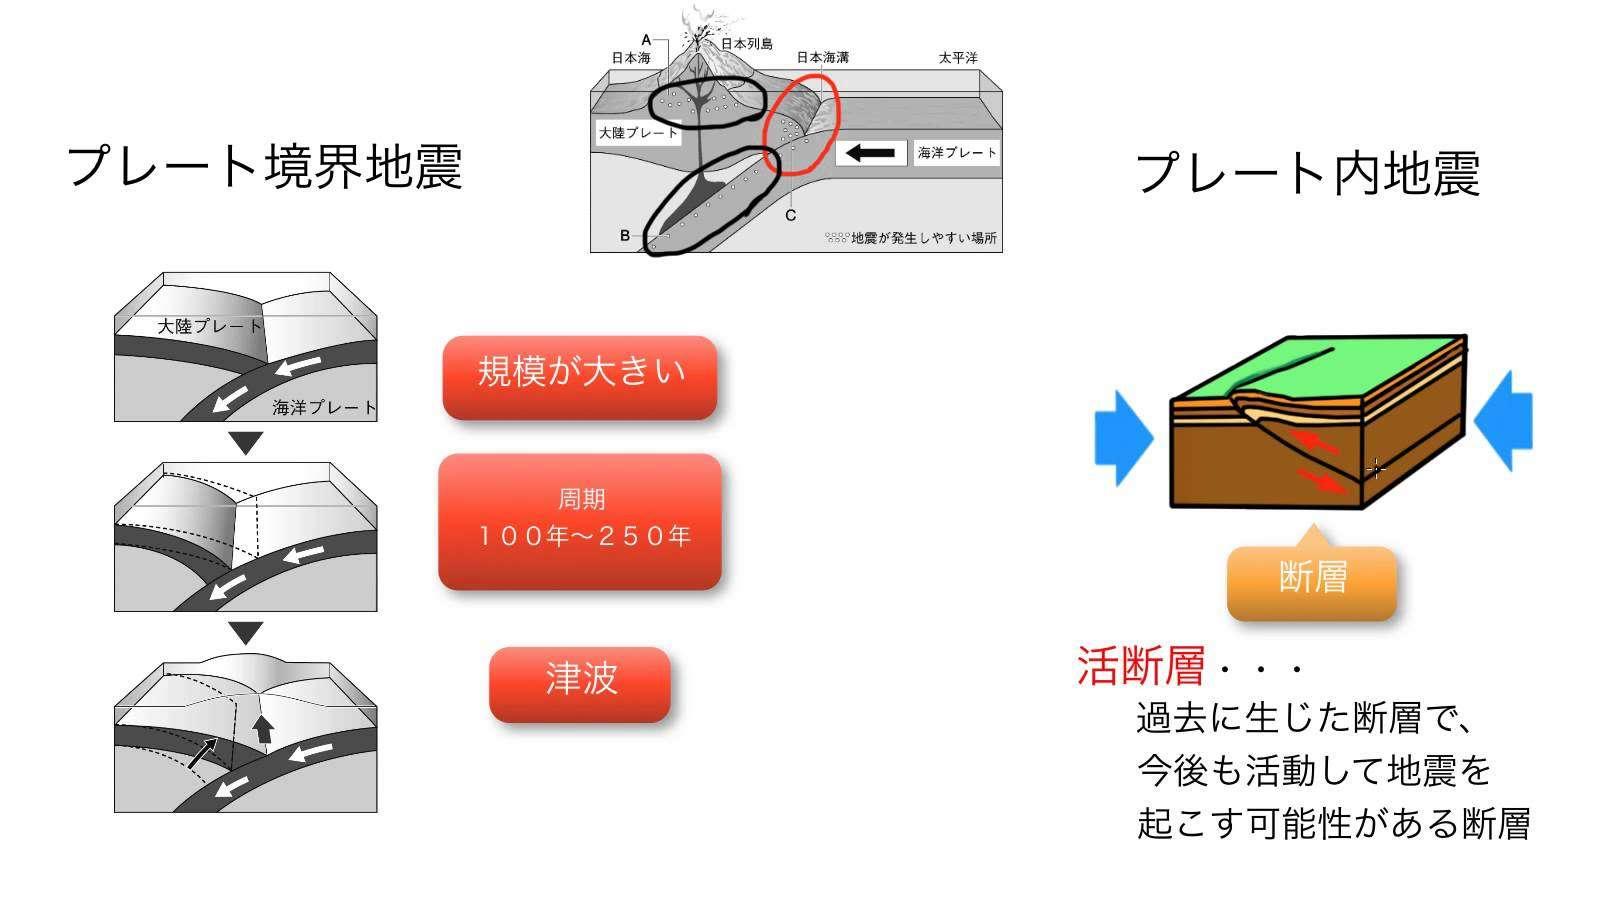 【火山と地震】地震のしくみ - YouTube